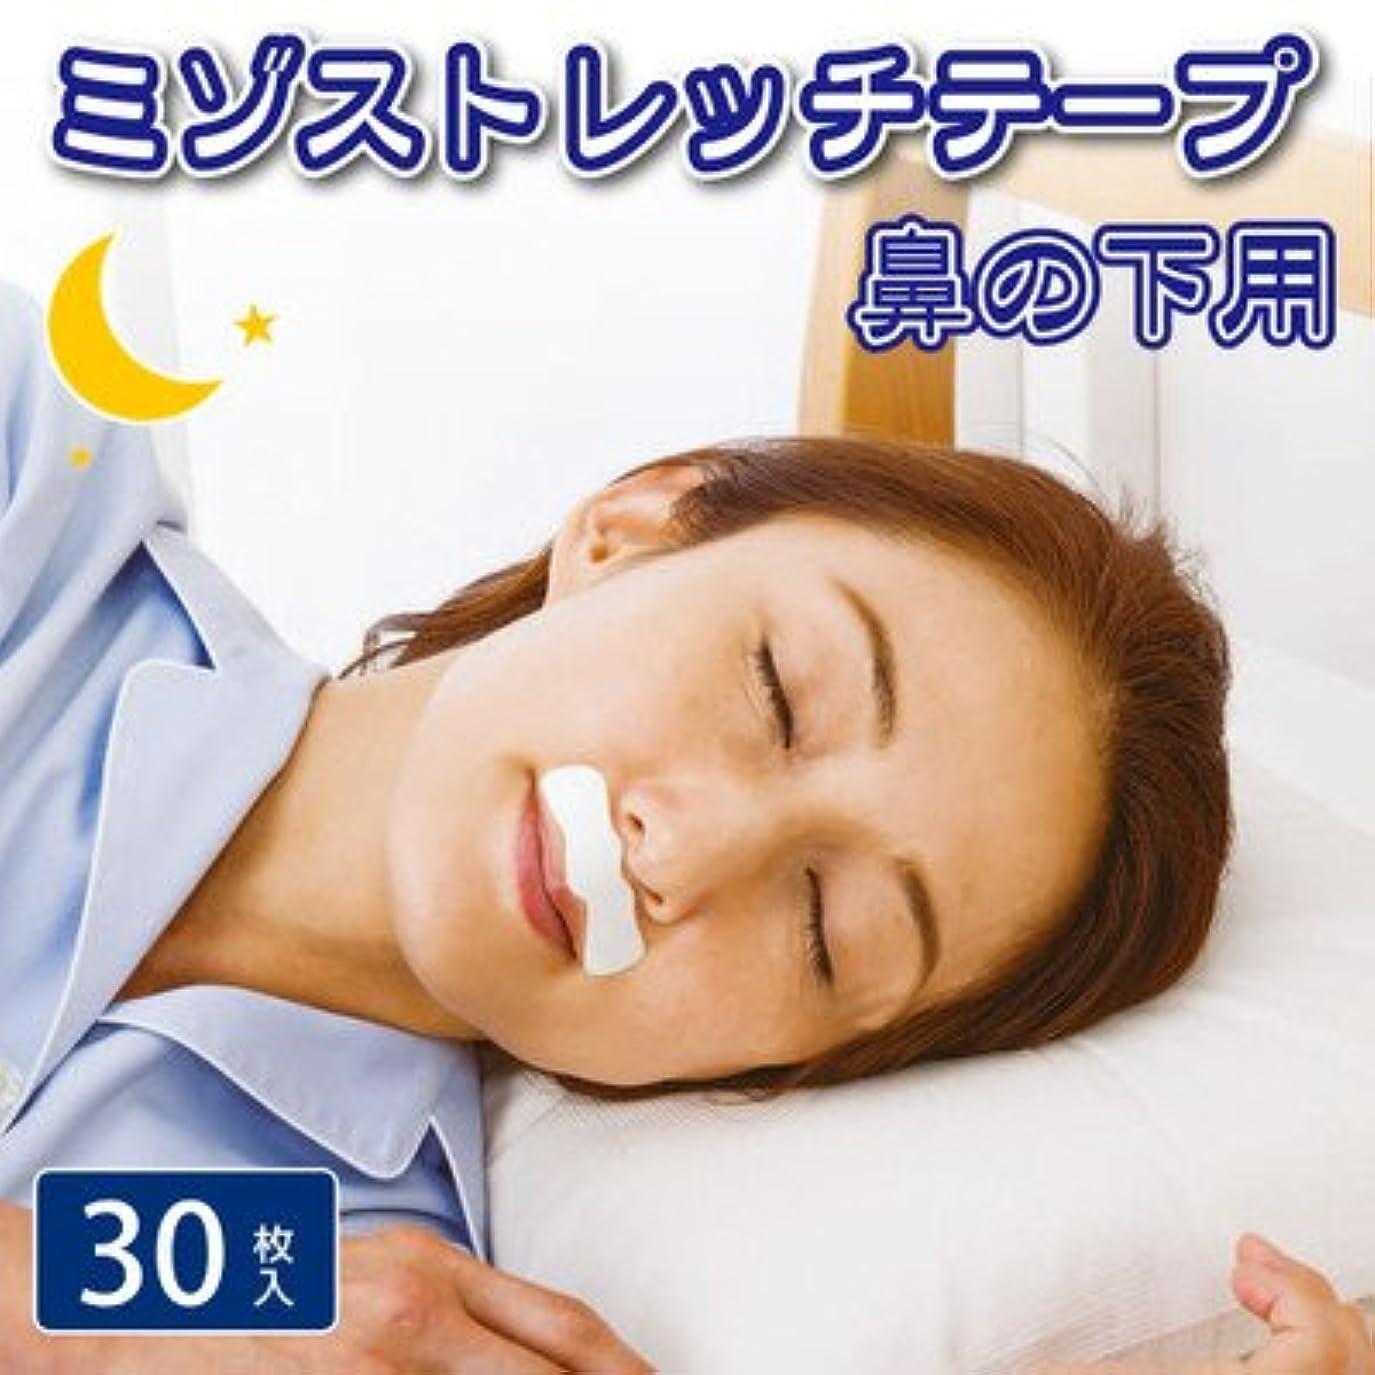 満了グラフィック使い込む貼って寝るだけ 翌朝ピーン ミゾストレッチテープ 鼻の下用